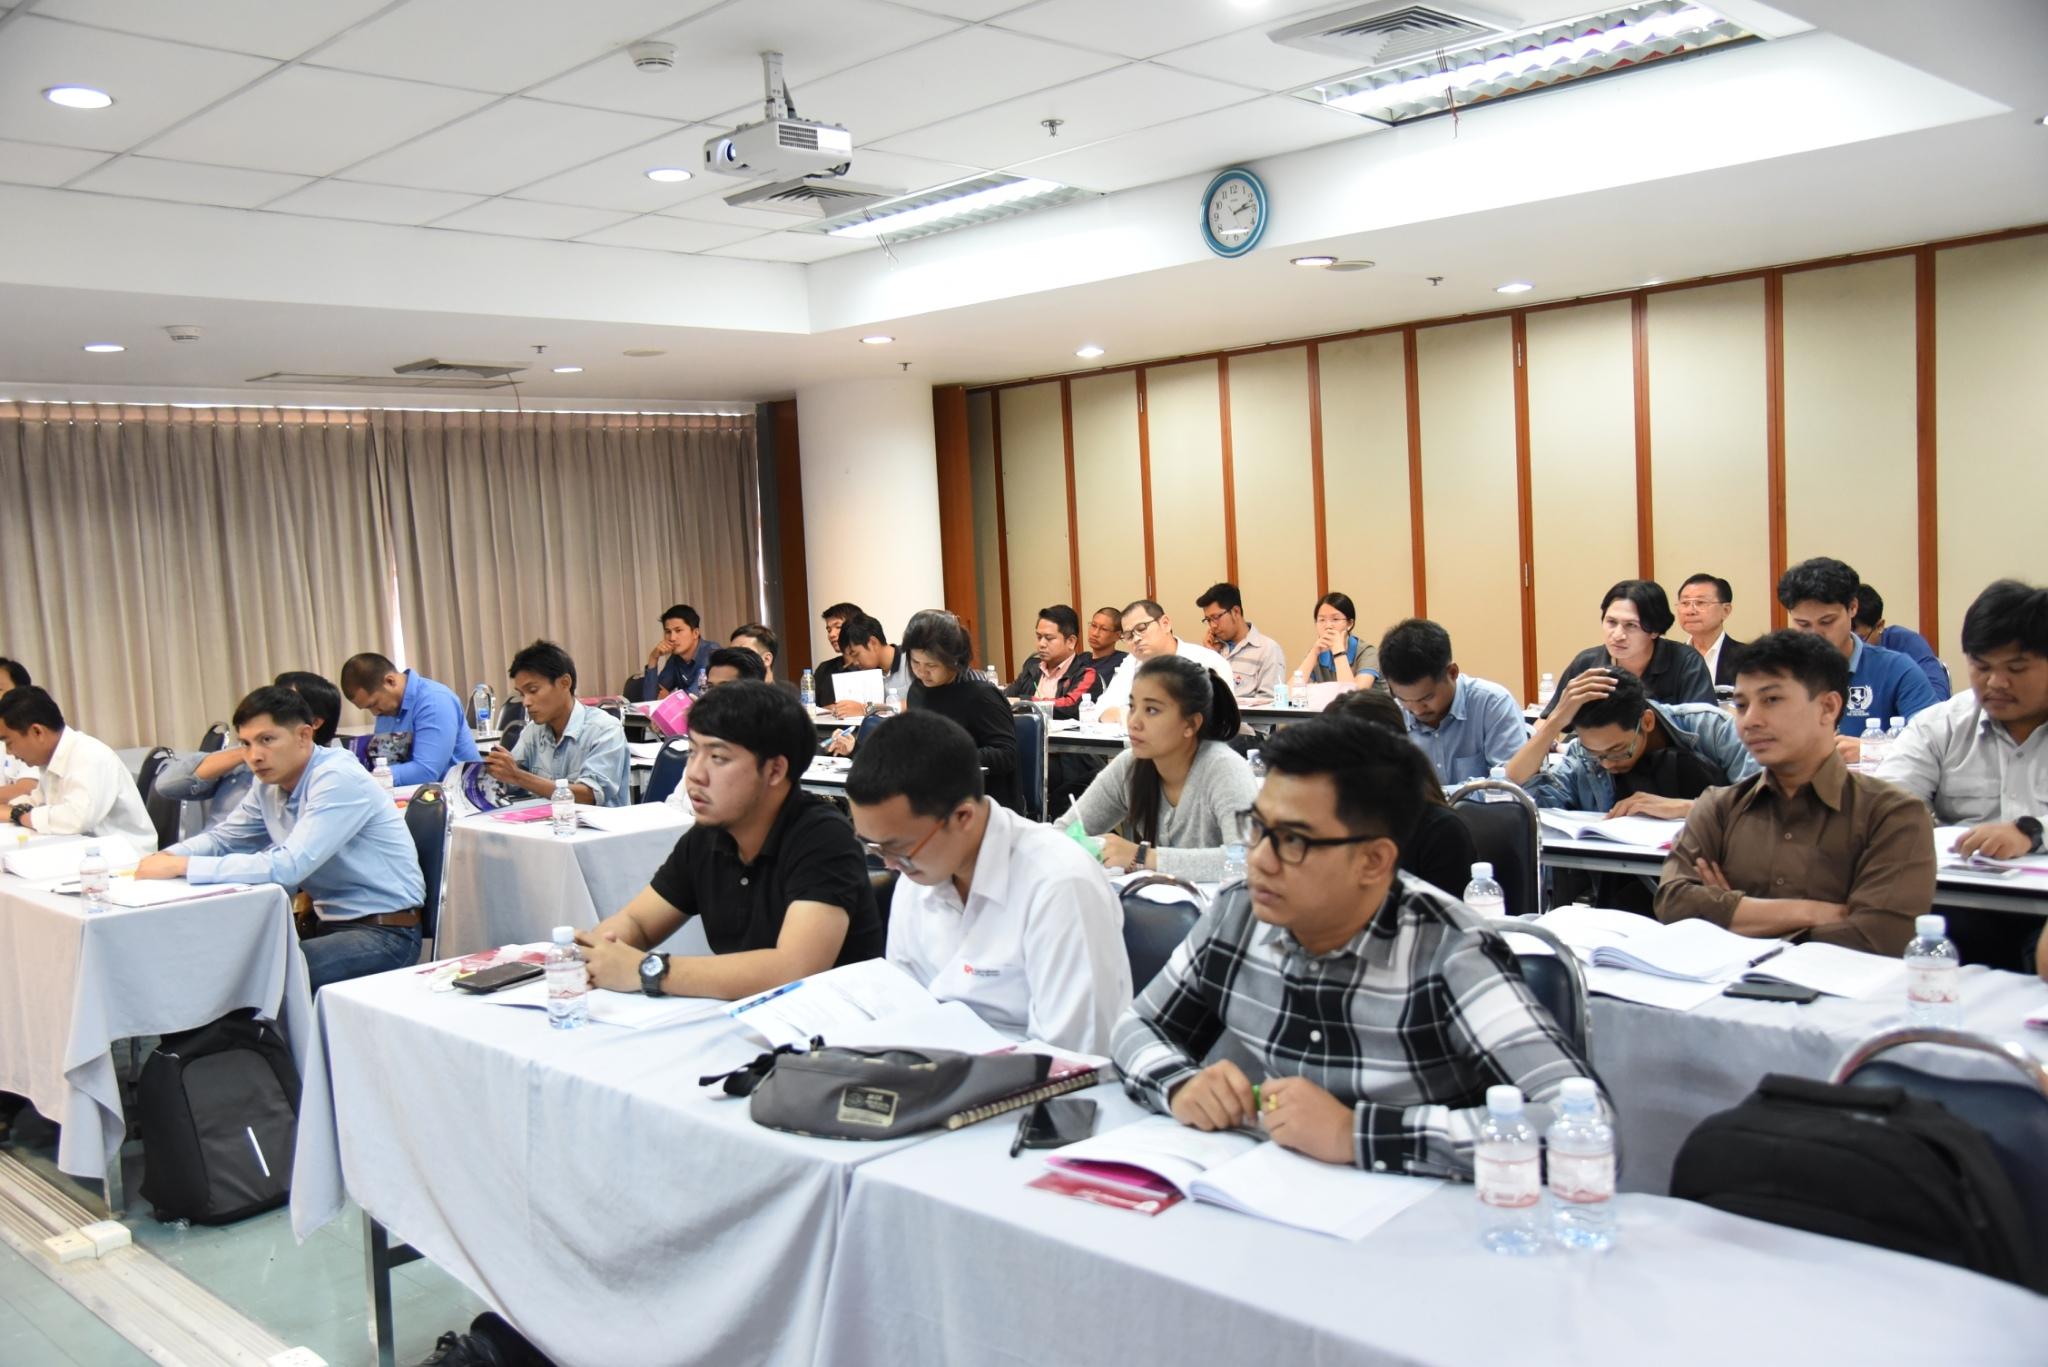 การอบรมเชิงปฏิบัติการเรื่อง การบริหารโครงการเชิงปฏิบัติ (Project Management in Practice)สำหรับในด้านธุรกิจก่อสร้างและด้านวิศวกรรม รุ่นที่ 23